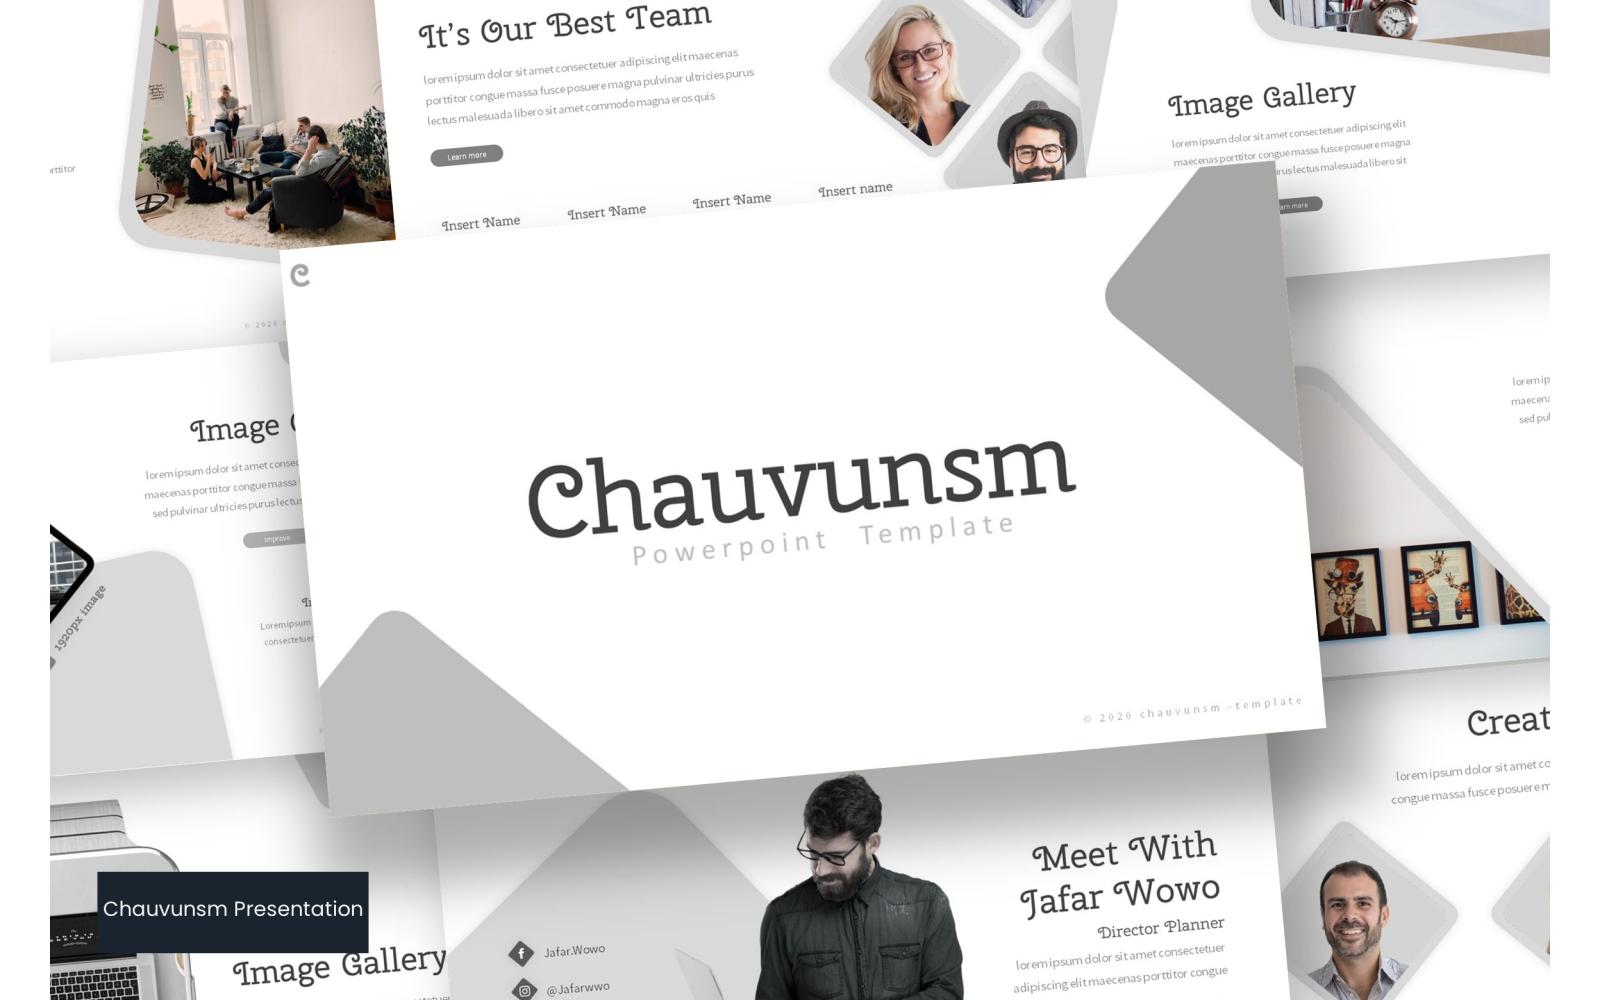 Chauvunsm PowerPoint Template